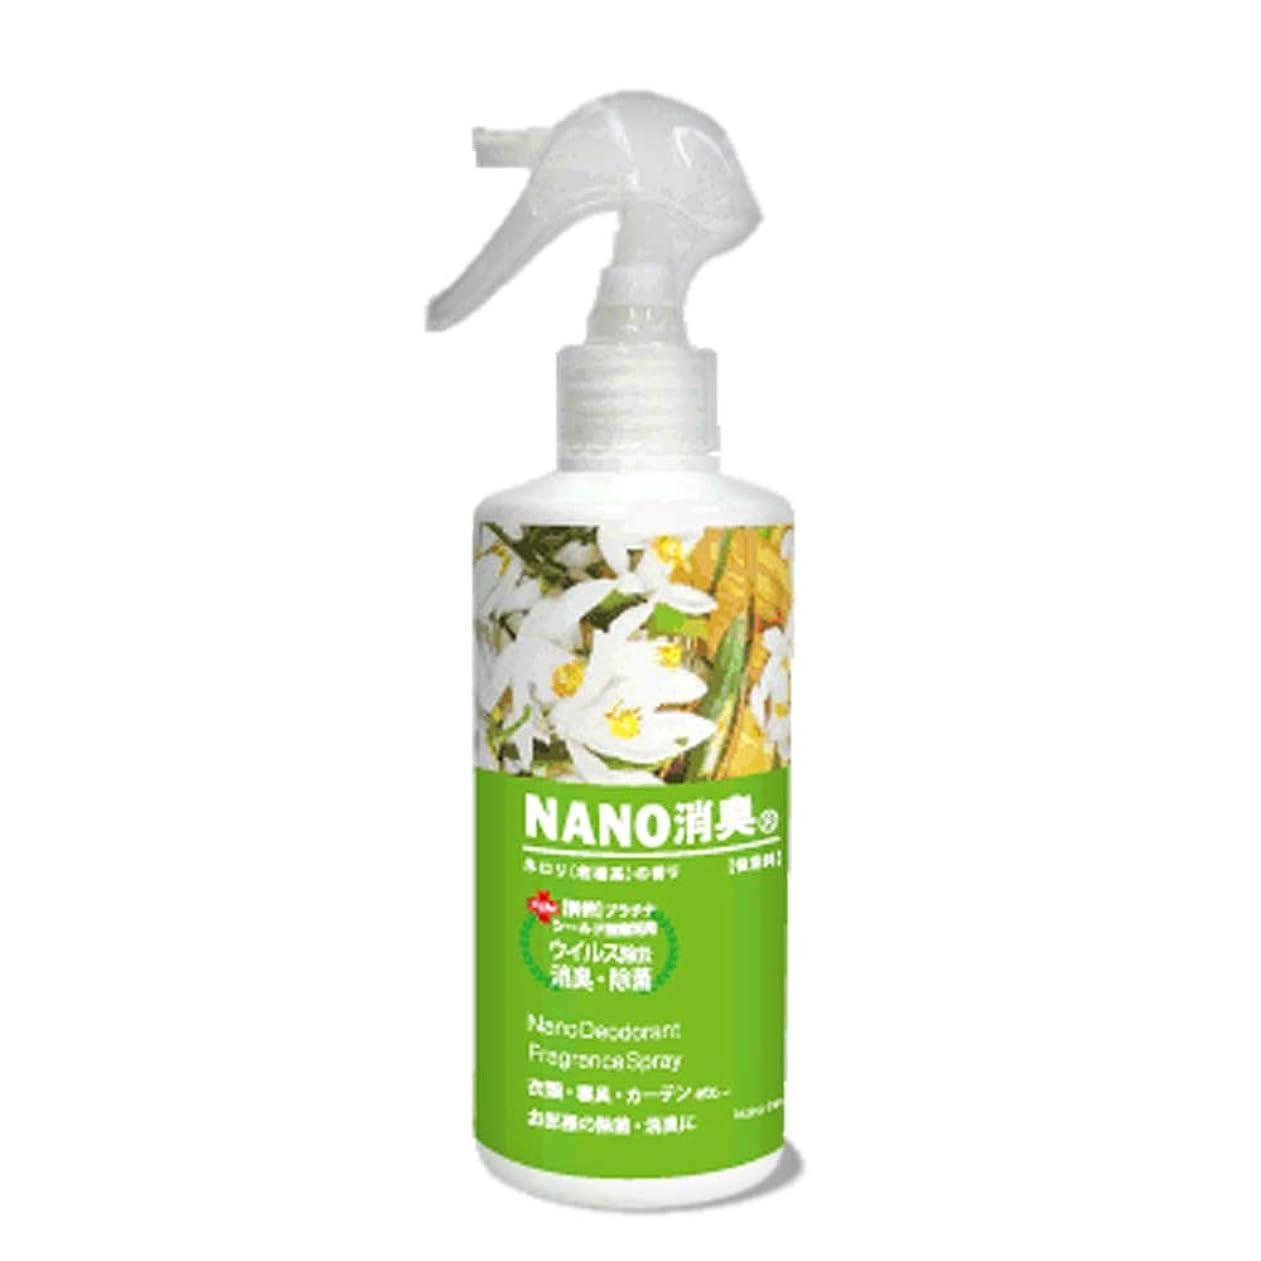 俳句参照するペーストNANO消臭 スプレー マスク スプレー トイレ 消臭剤 芳香剤 (ネロリ)